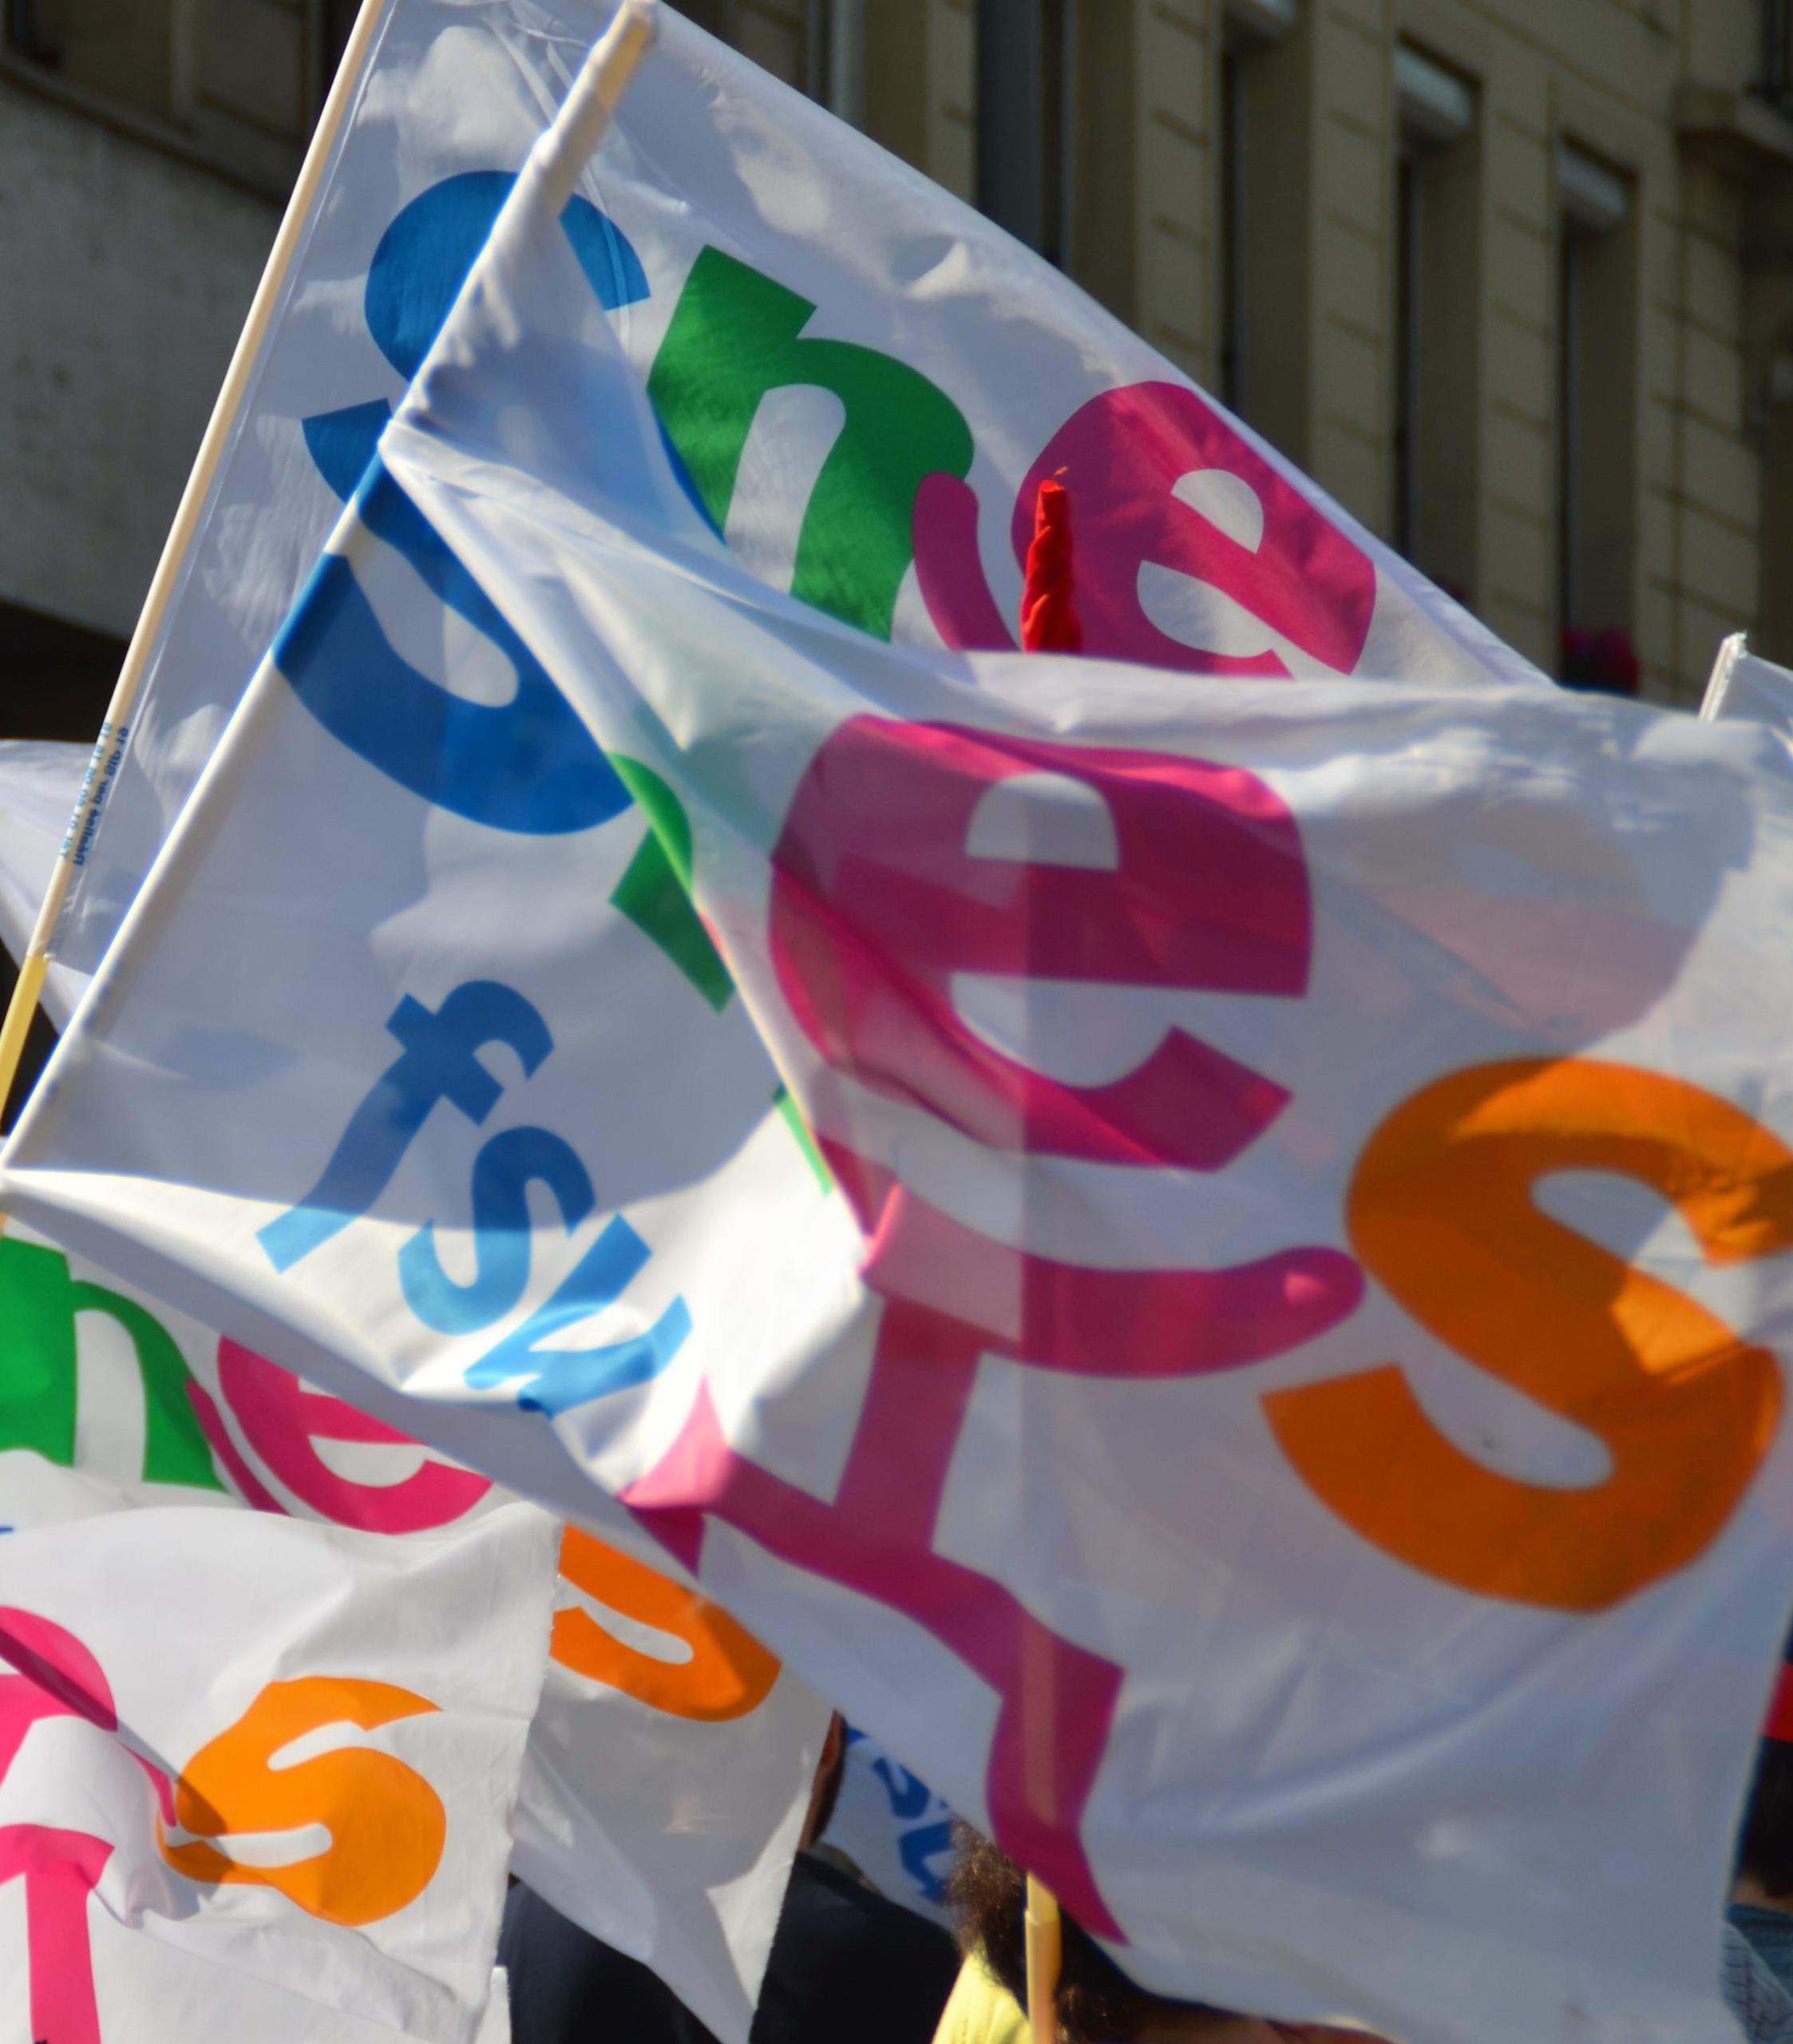 Le 5 octobre, mobilisé es pour nos salaires, nos emplois et nos conditions de travail et d'études